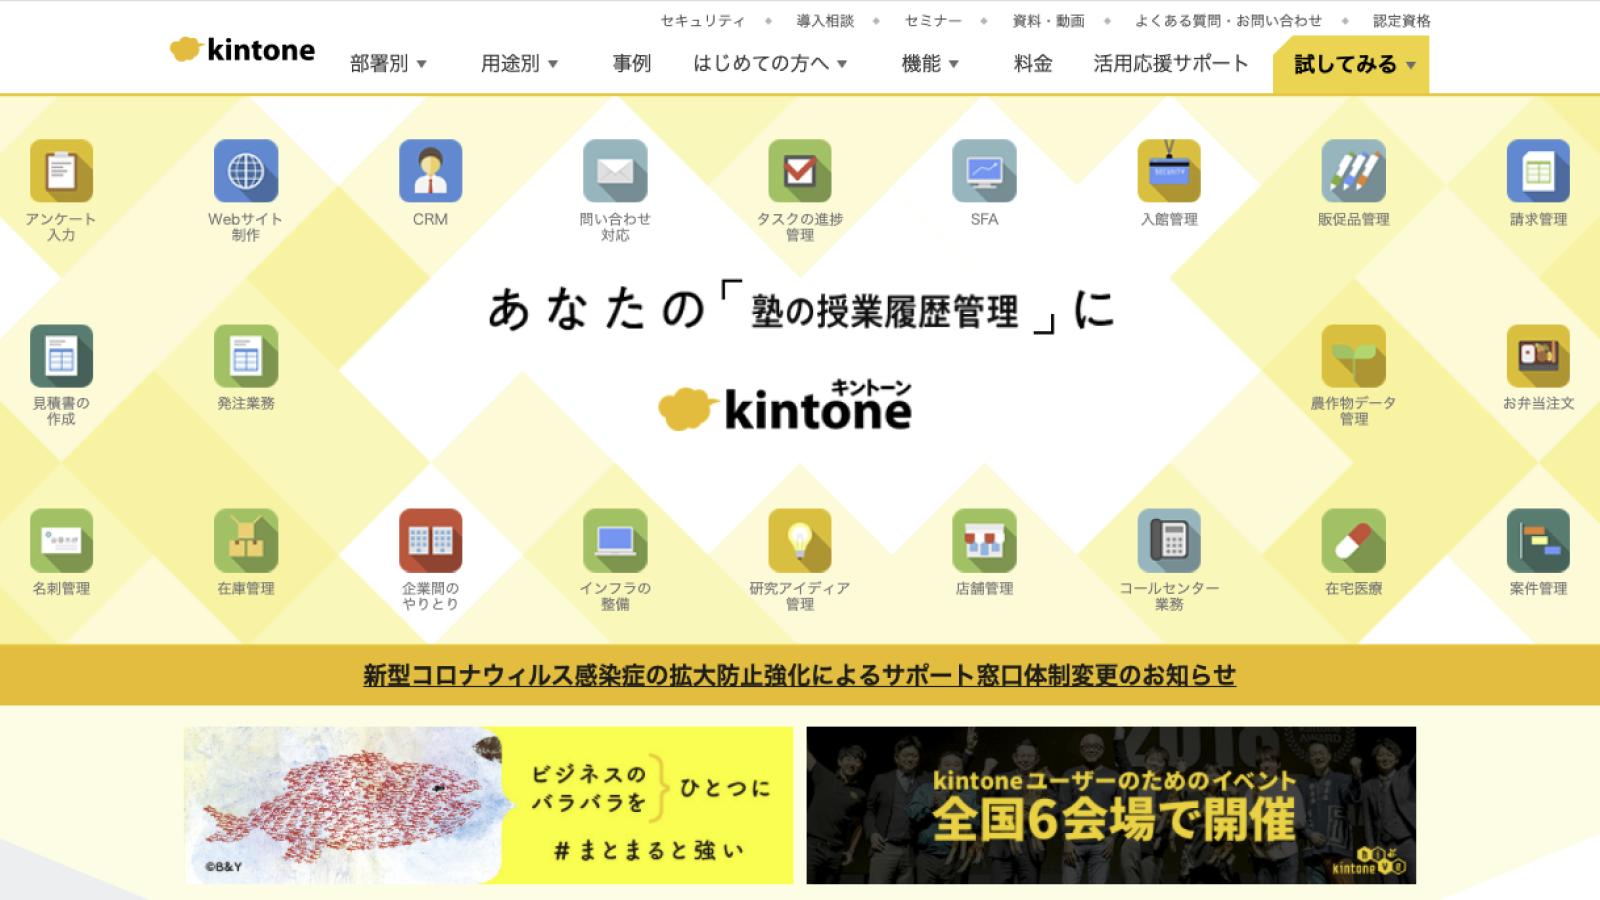 Kintoneのランディングページのスクリーンショット